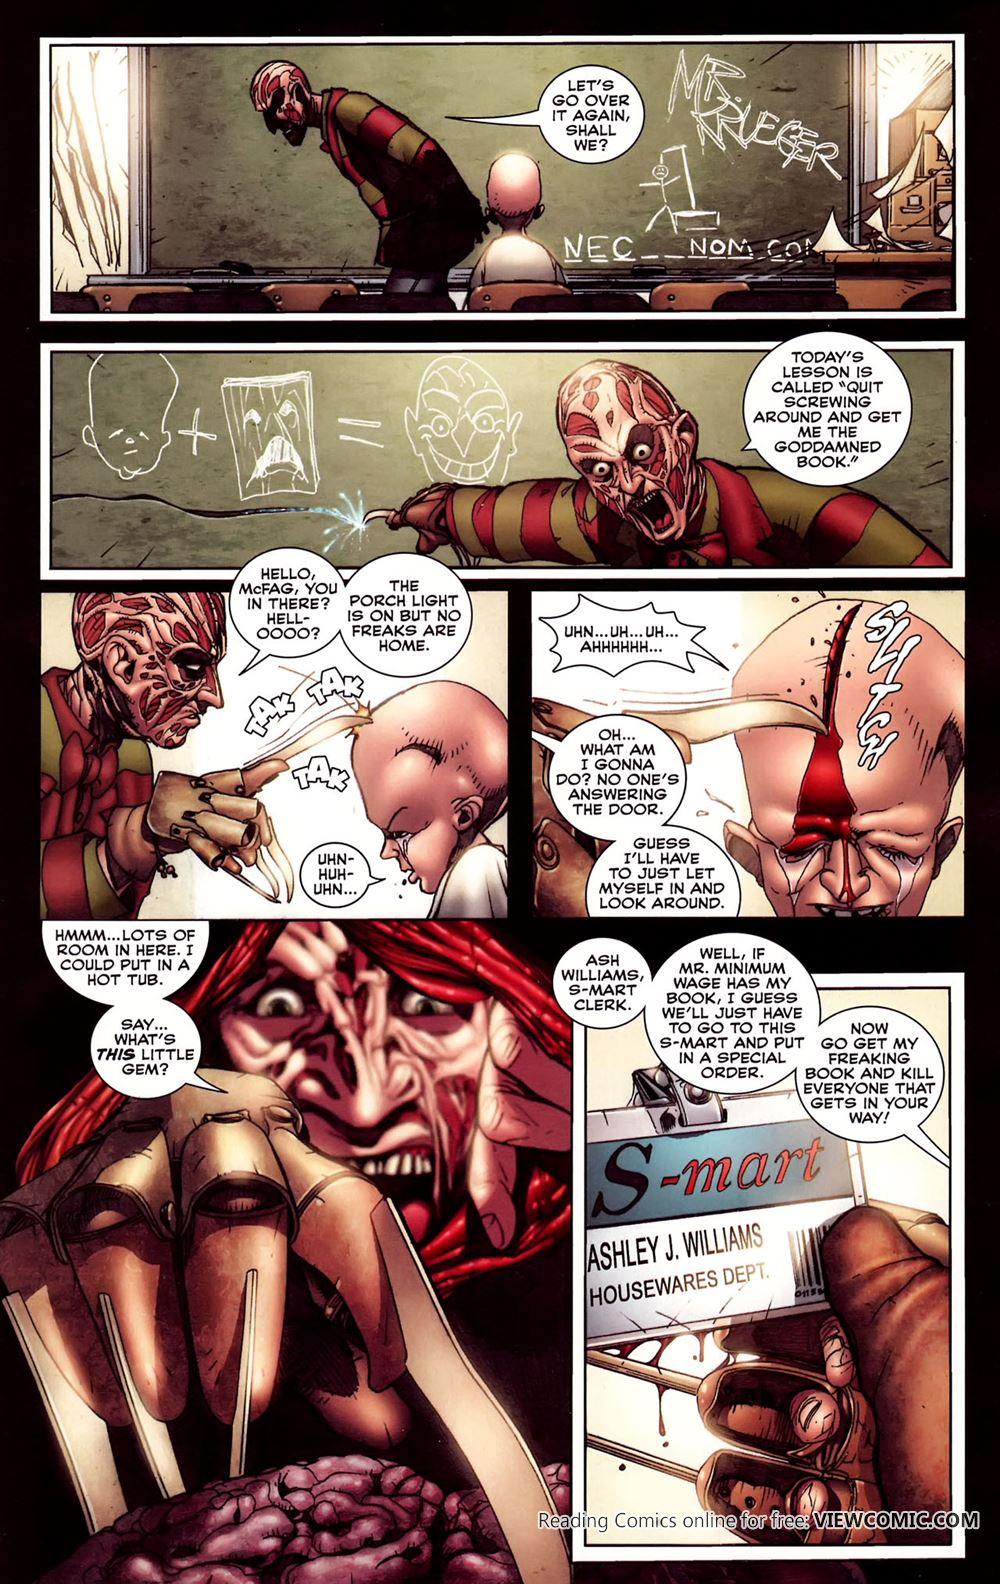 Комиксы порно с фредди крюгером 184